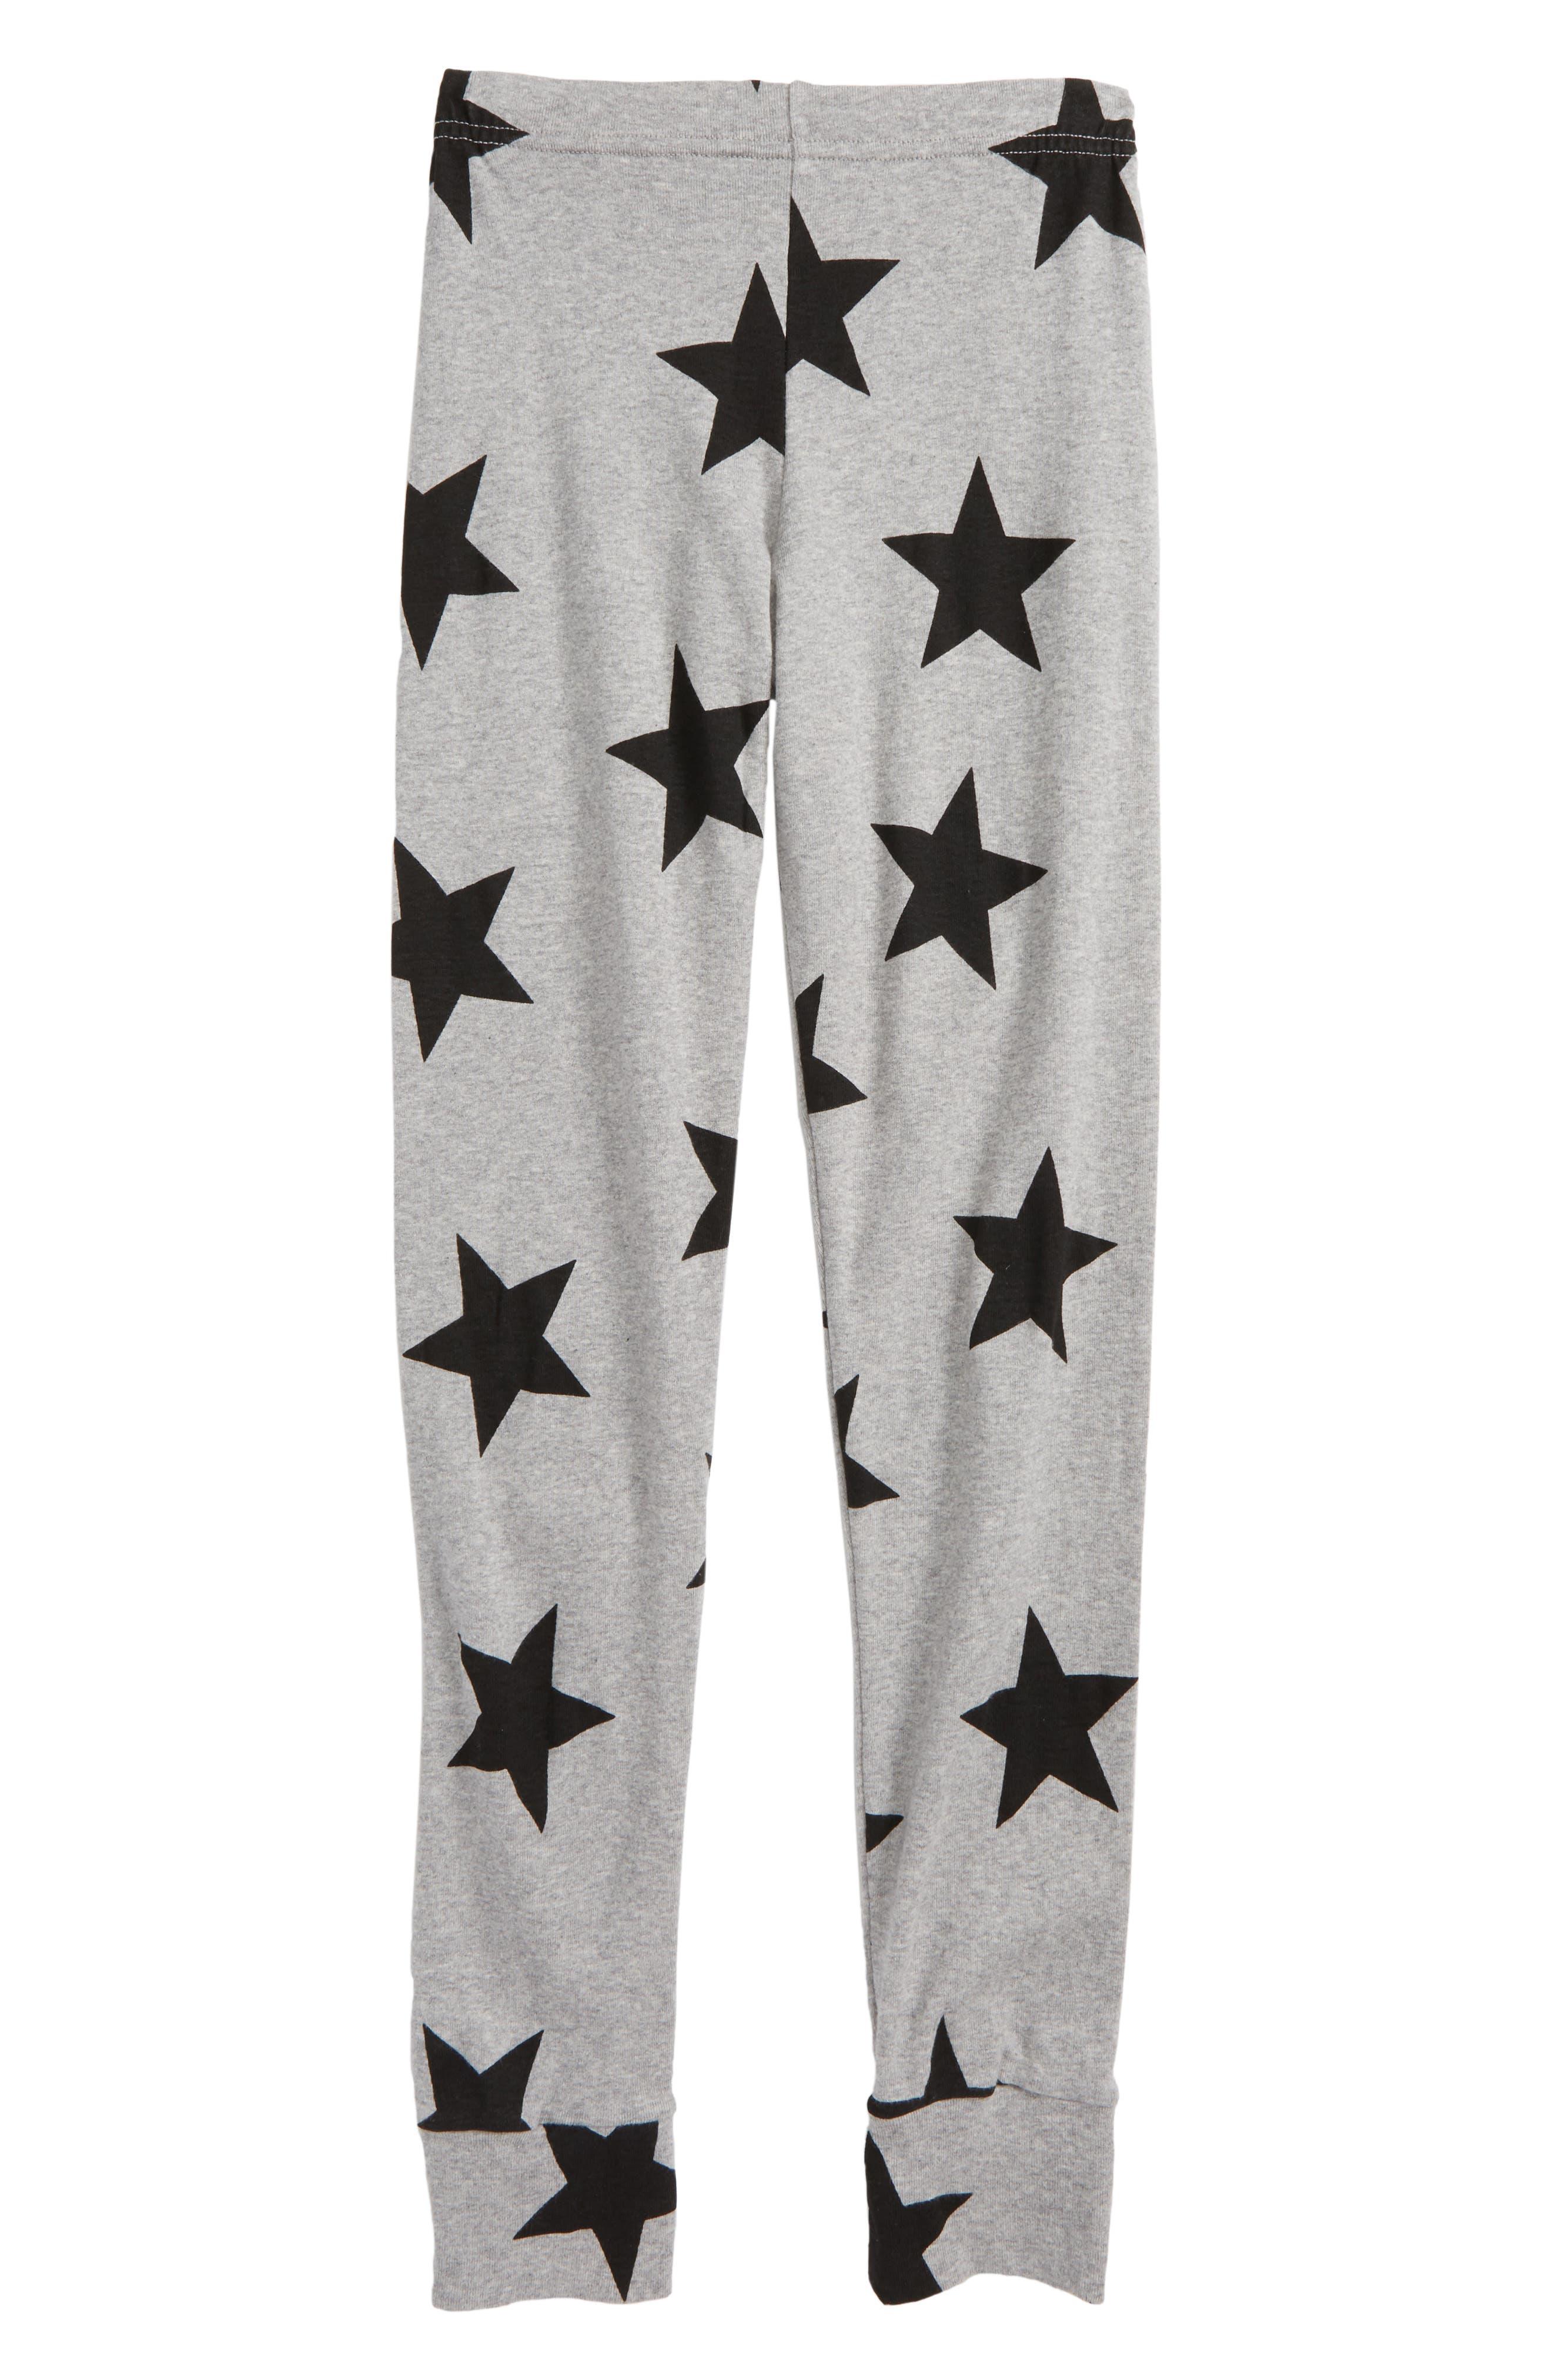 Star Print Leggings,                         Main,                         color, Heather Grey